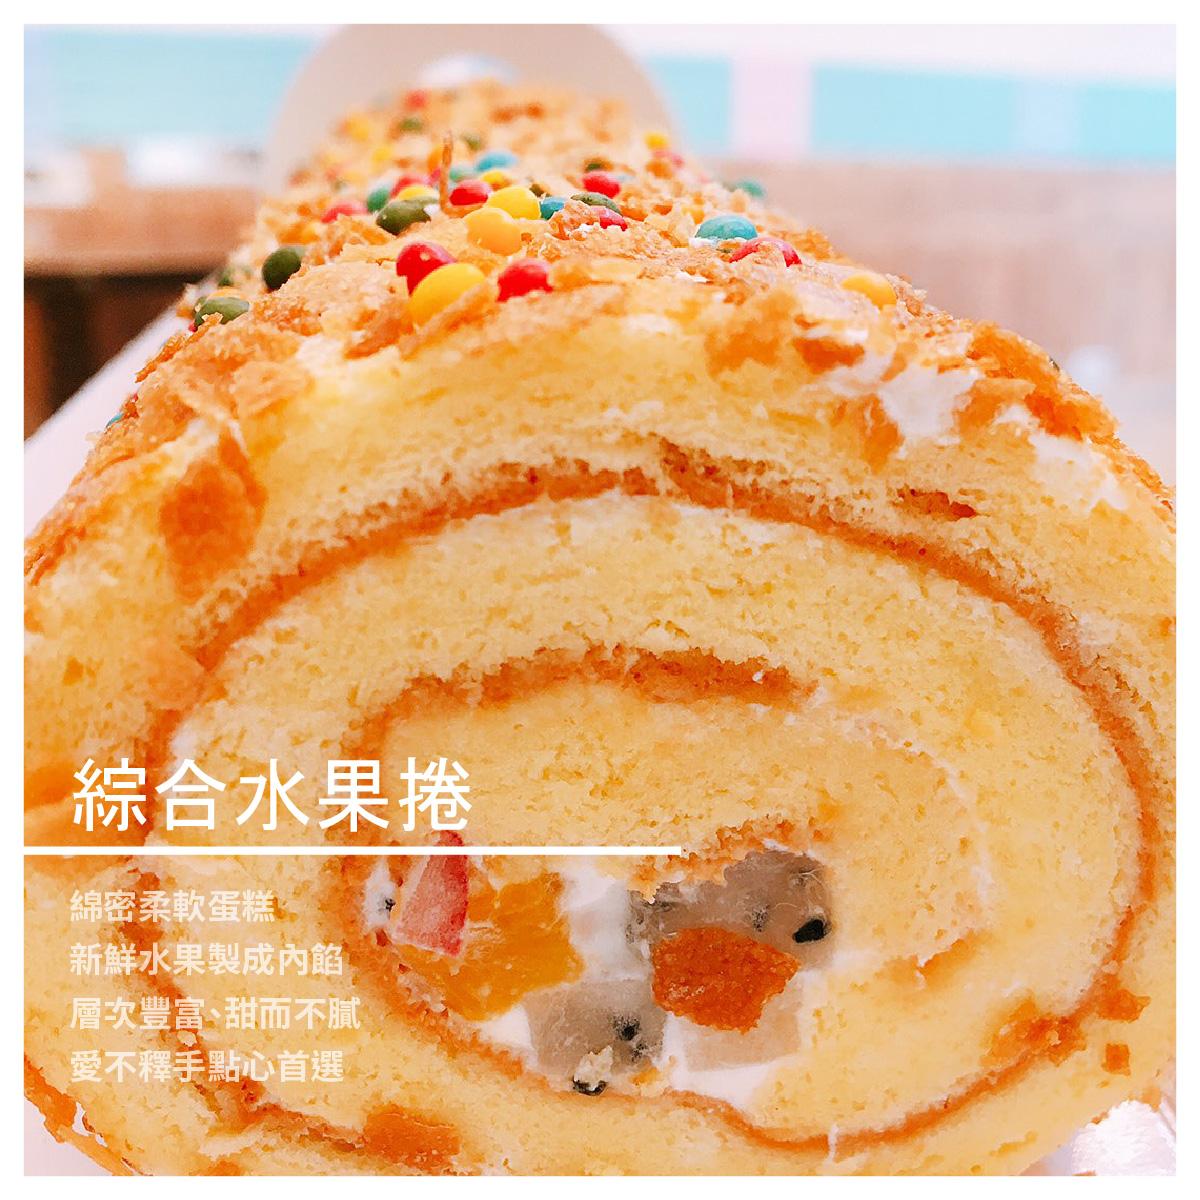 【夏之亭烘焙坊】綜合水果捲